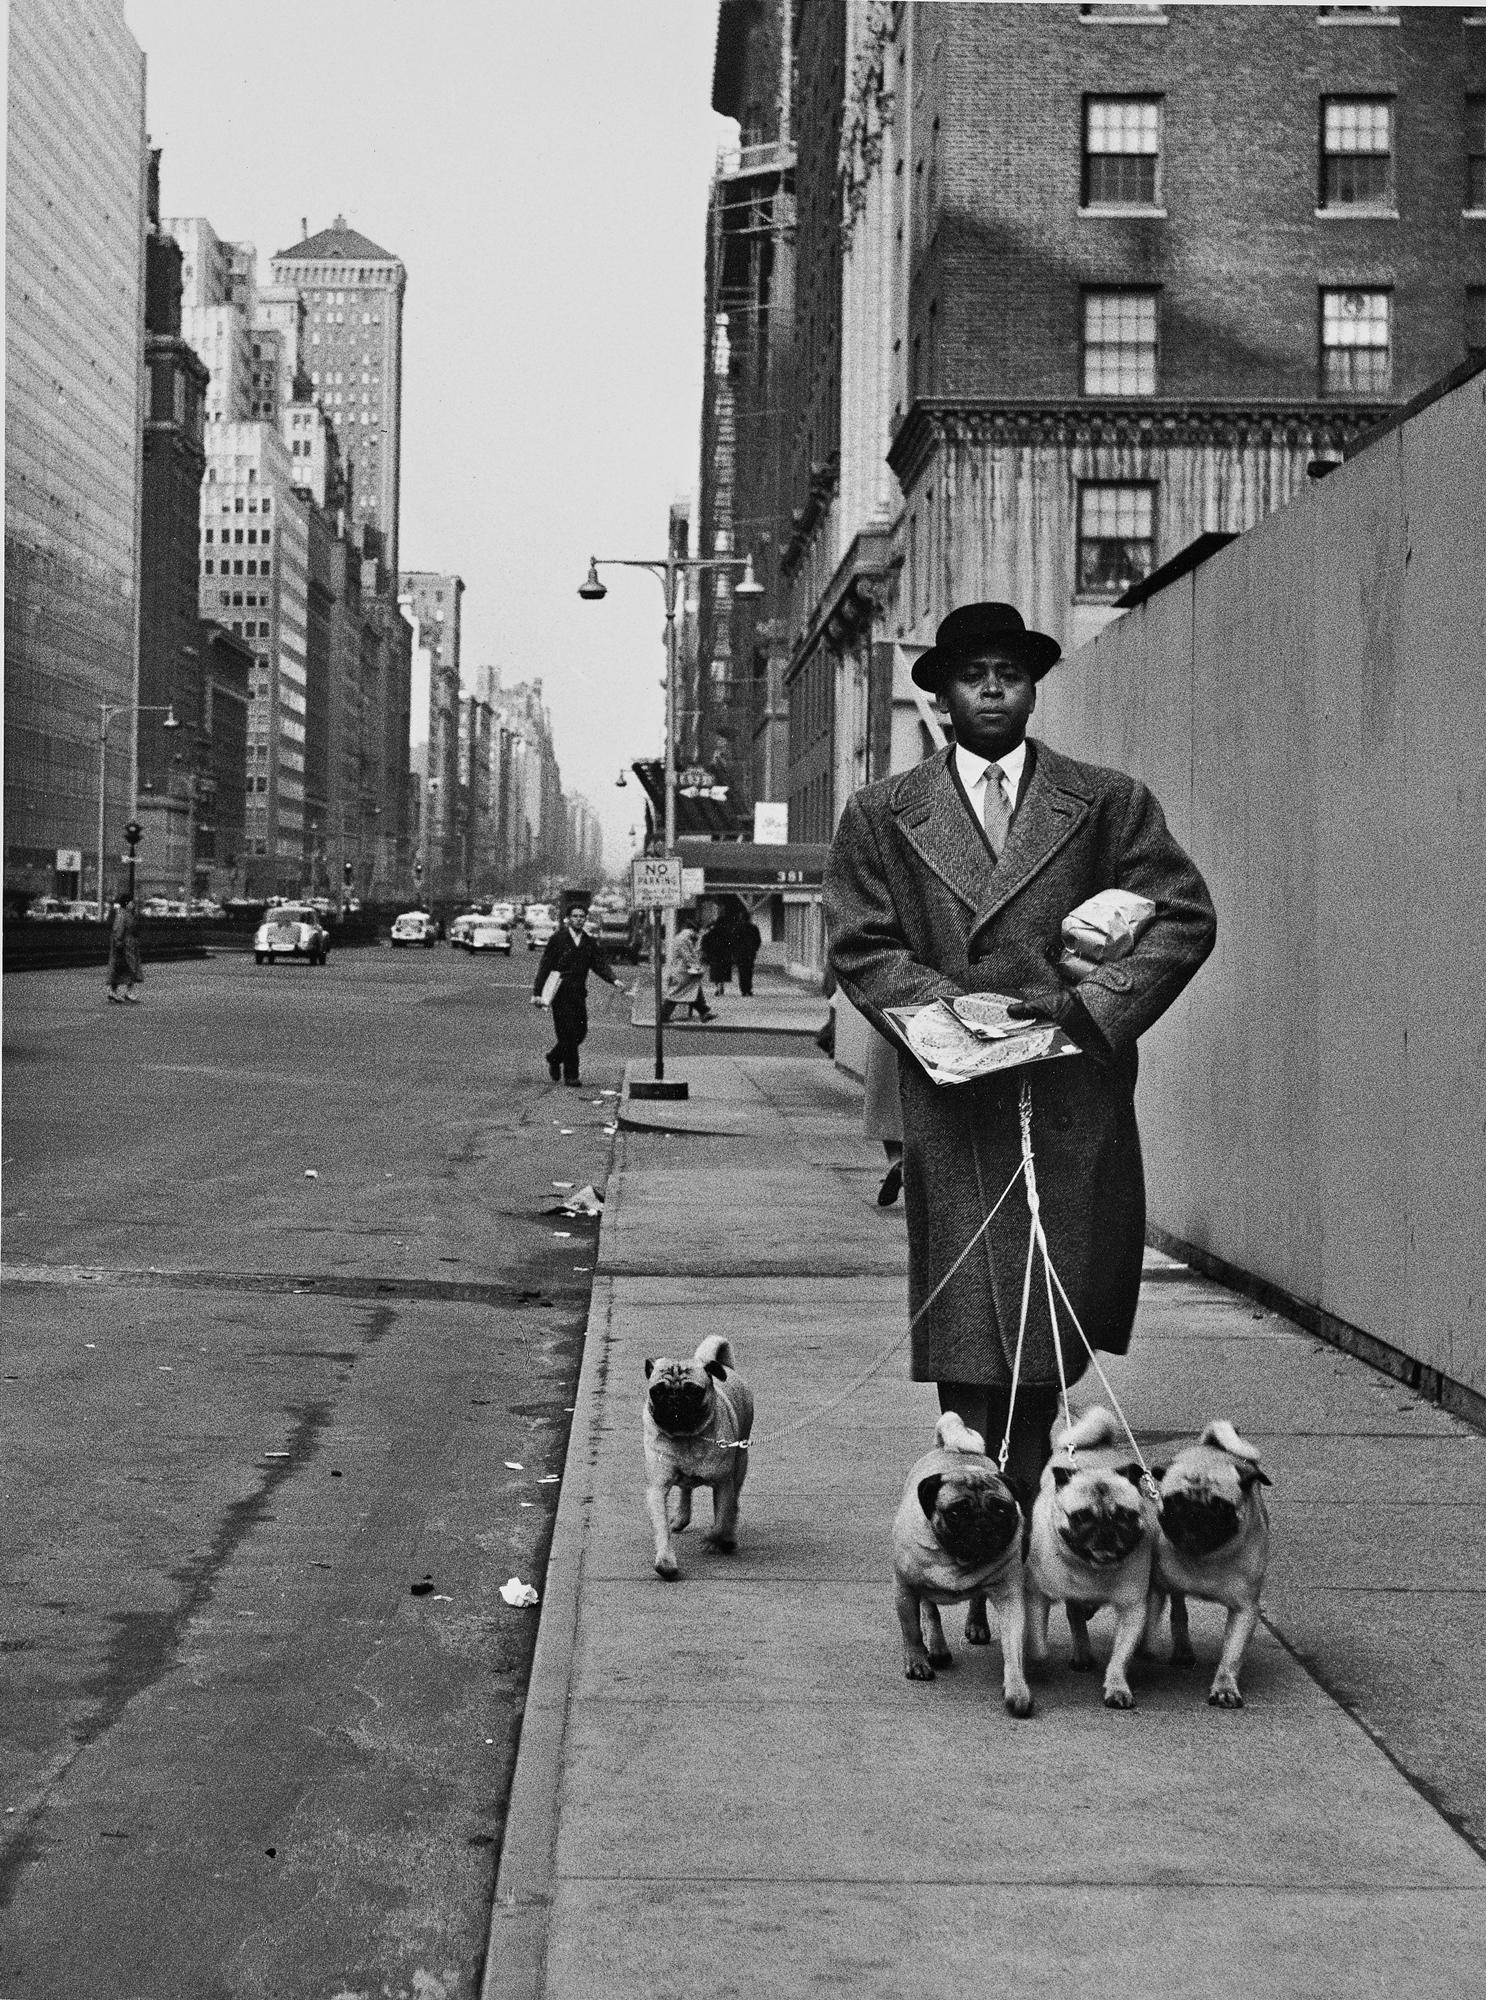 Fotó: Mario de Biasi: Park Avenue, New York, 1956 © Mario de Biasi/Mondadori Portfolio